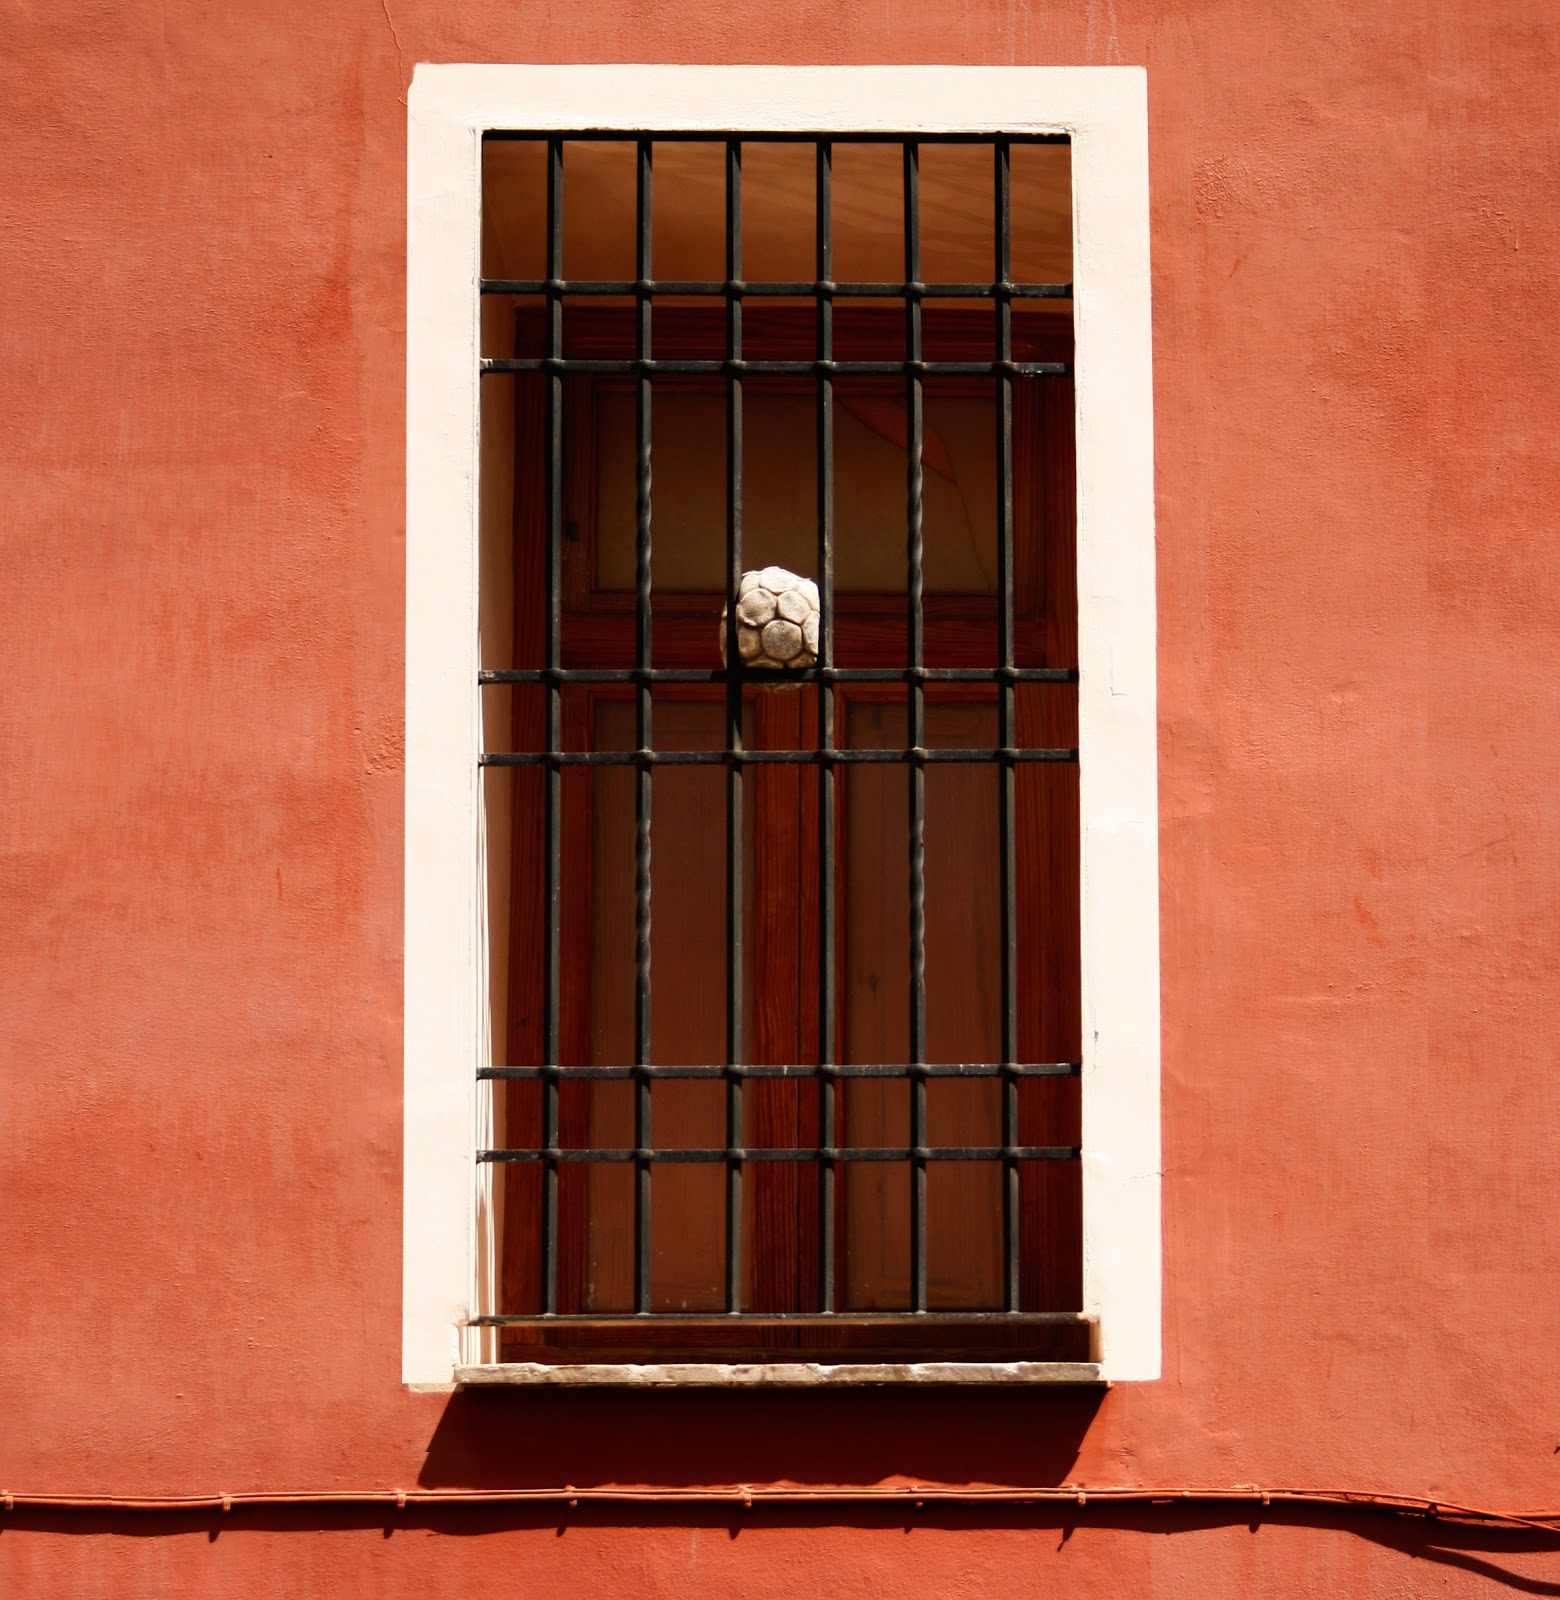 ventana, fin del juego